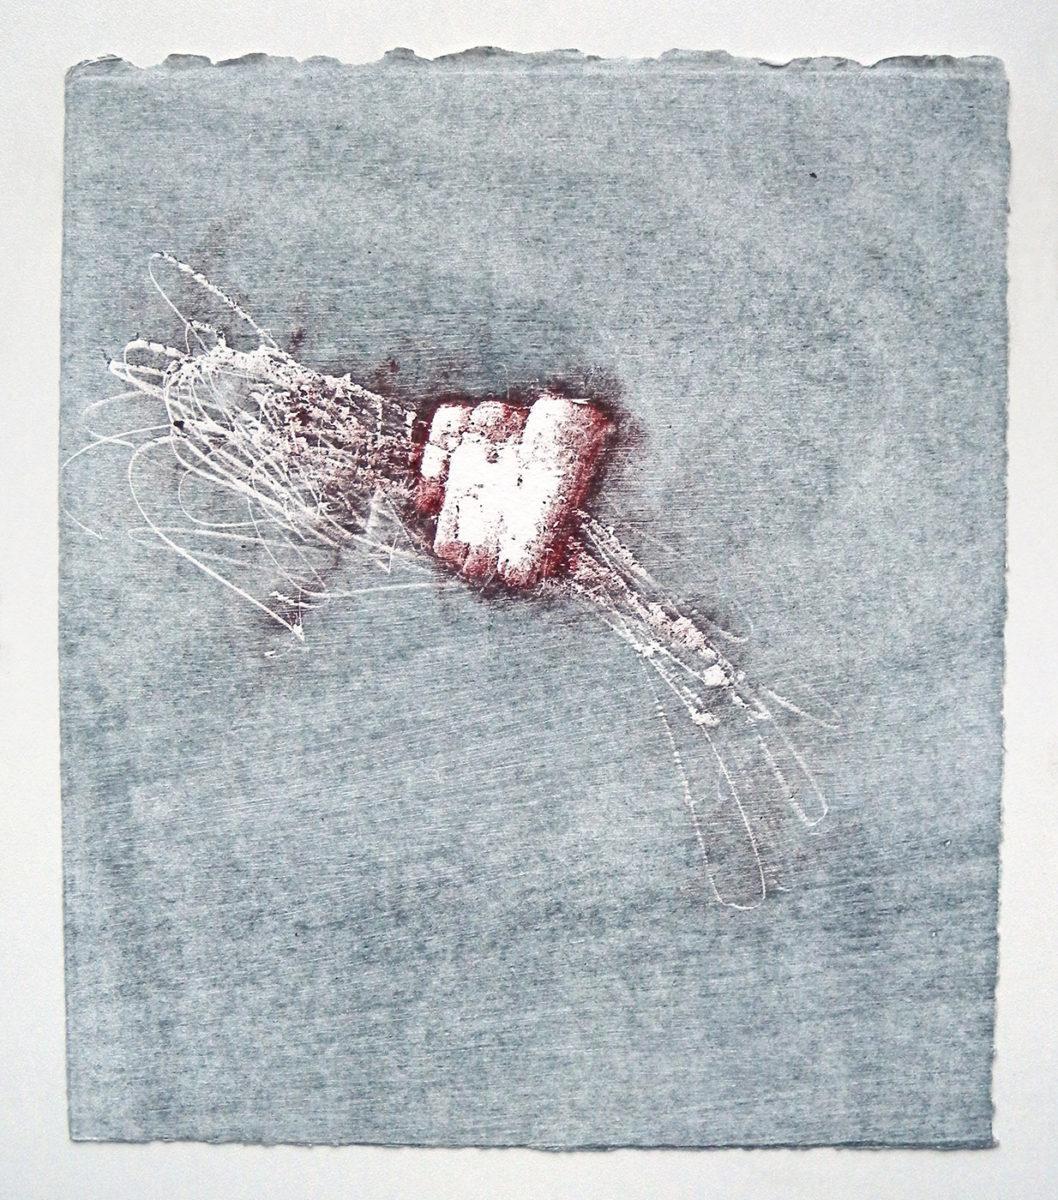 MARC FELD 2012 SONG FOR STEVE LACY 9 Gravure sur bois encre sur papier 25 x 26 cm (Tirage Patrick Vernet)